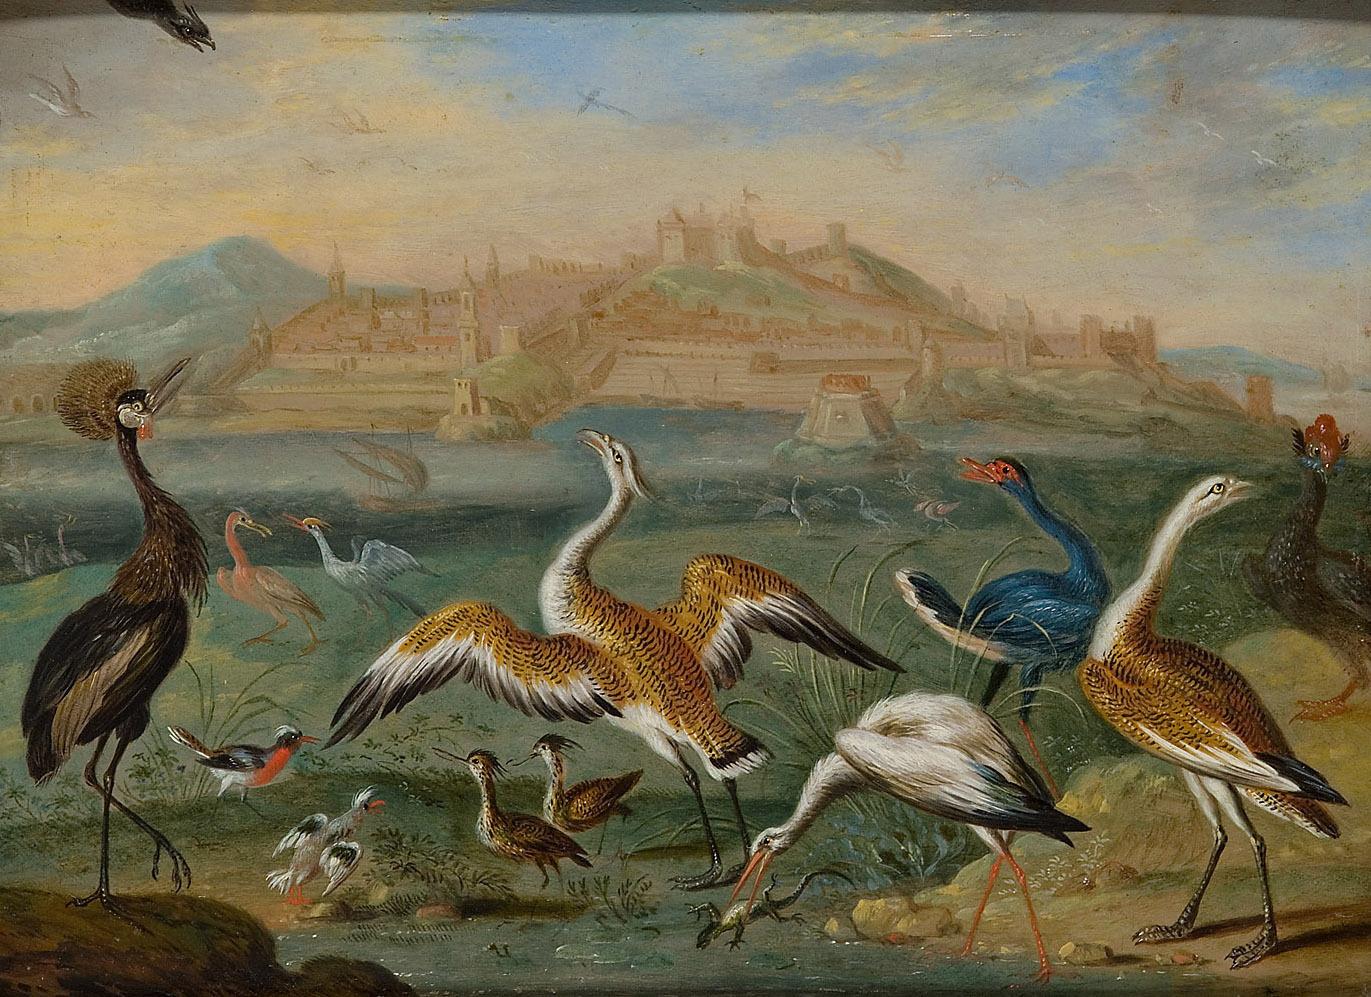 Ansichten aus den vier Weltteilen mit Szenen von Tieren: Tanger von Ferdinand van Kessel